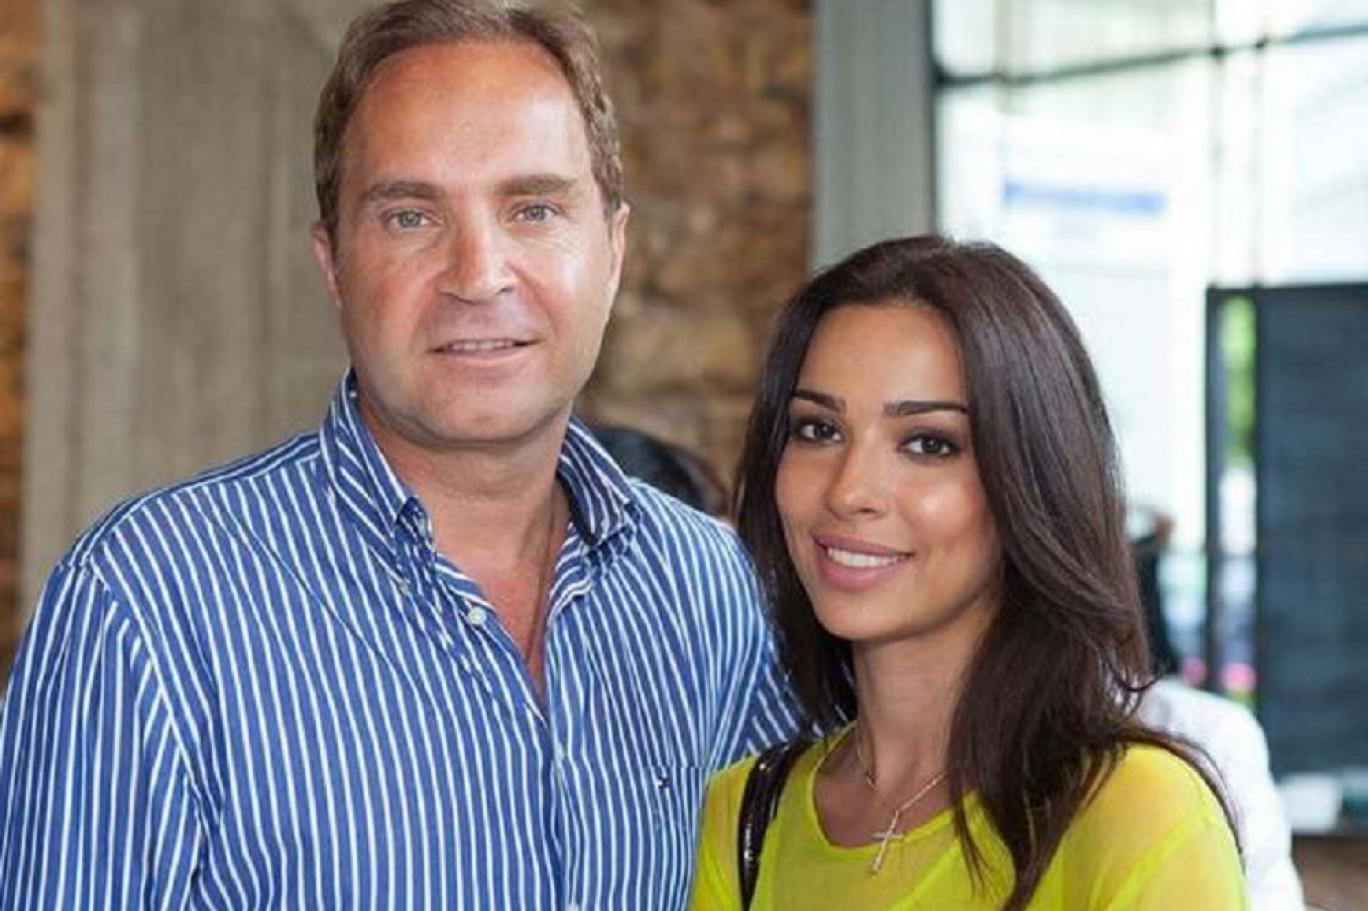 بعد عام من الكتمان قرار انفصال نادين نجيم يخرج إلى النور اندبندنت عربية